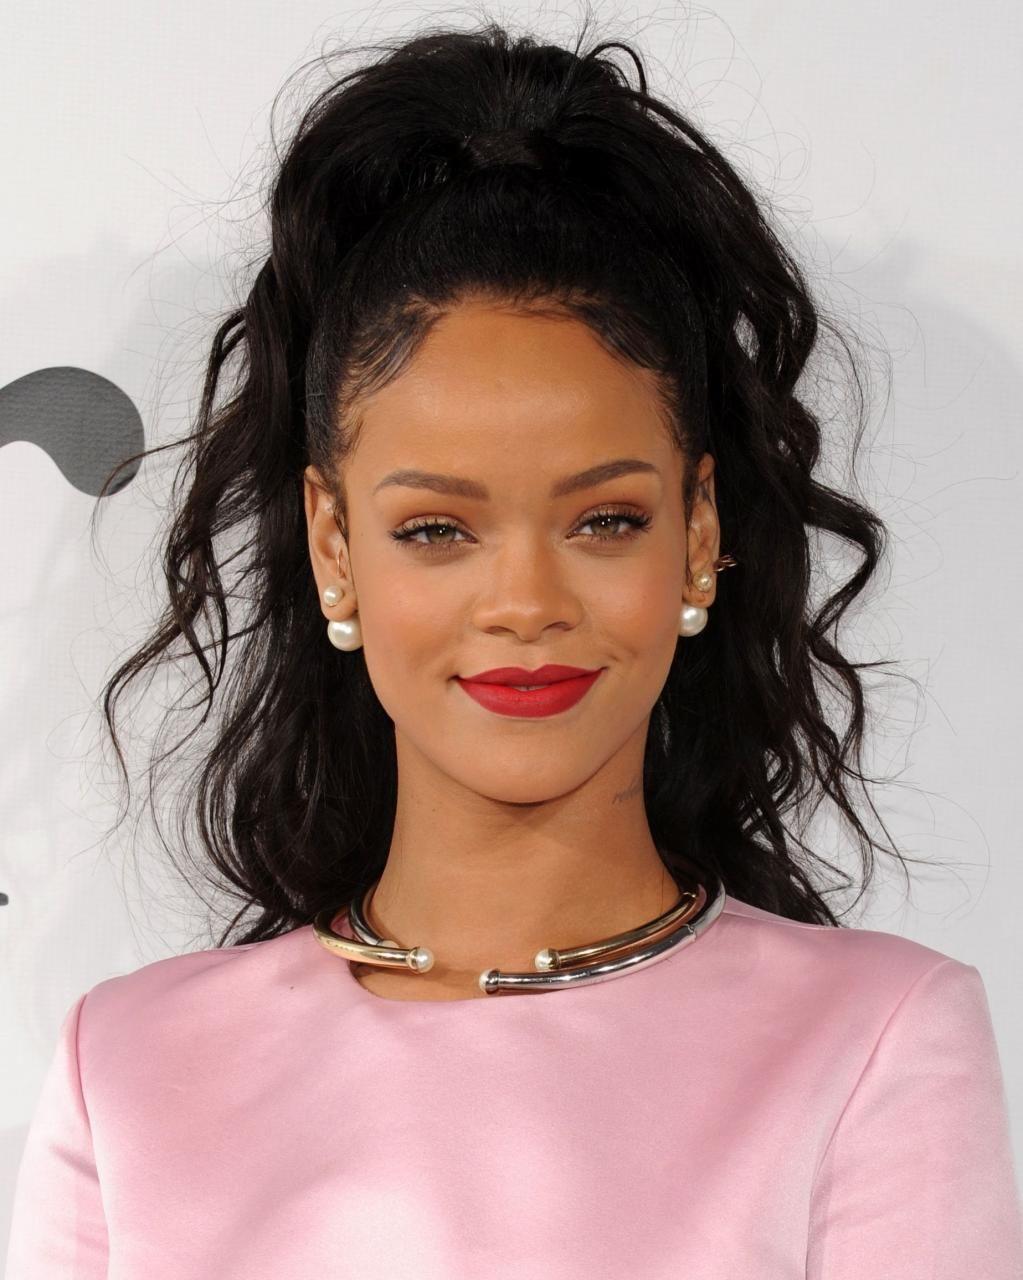 kiểu tóc phù hợp với khuôn mặt trái xoan: Rihanna